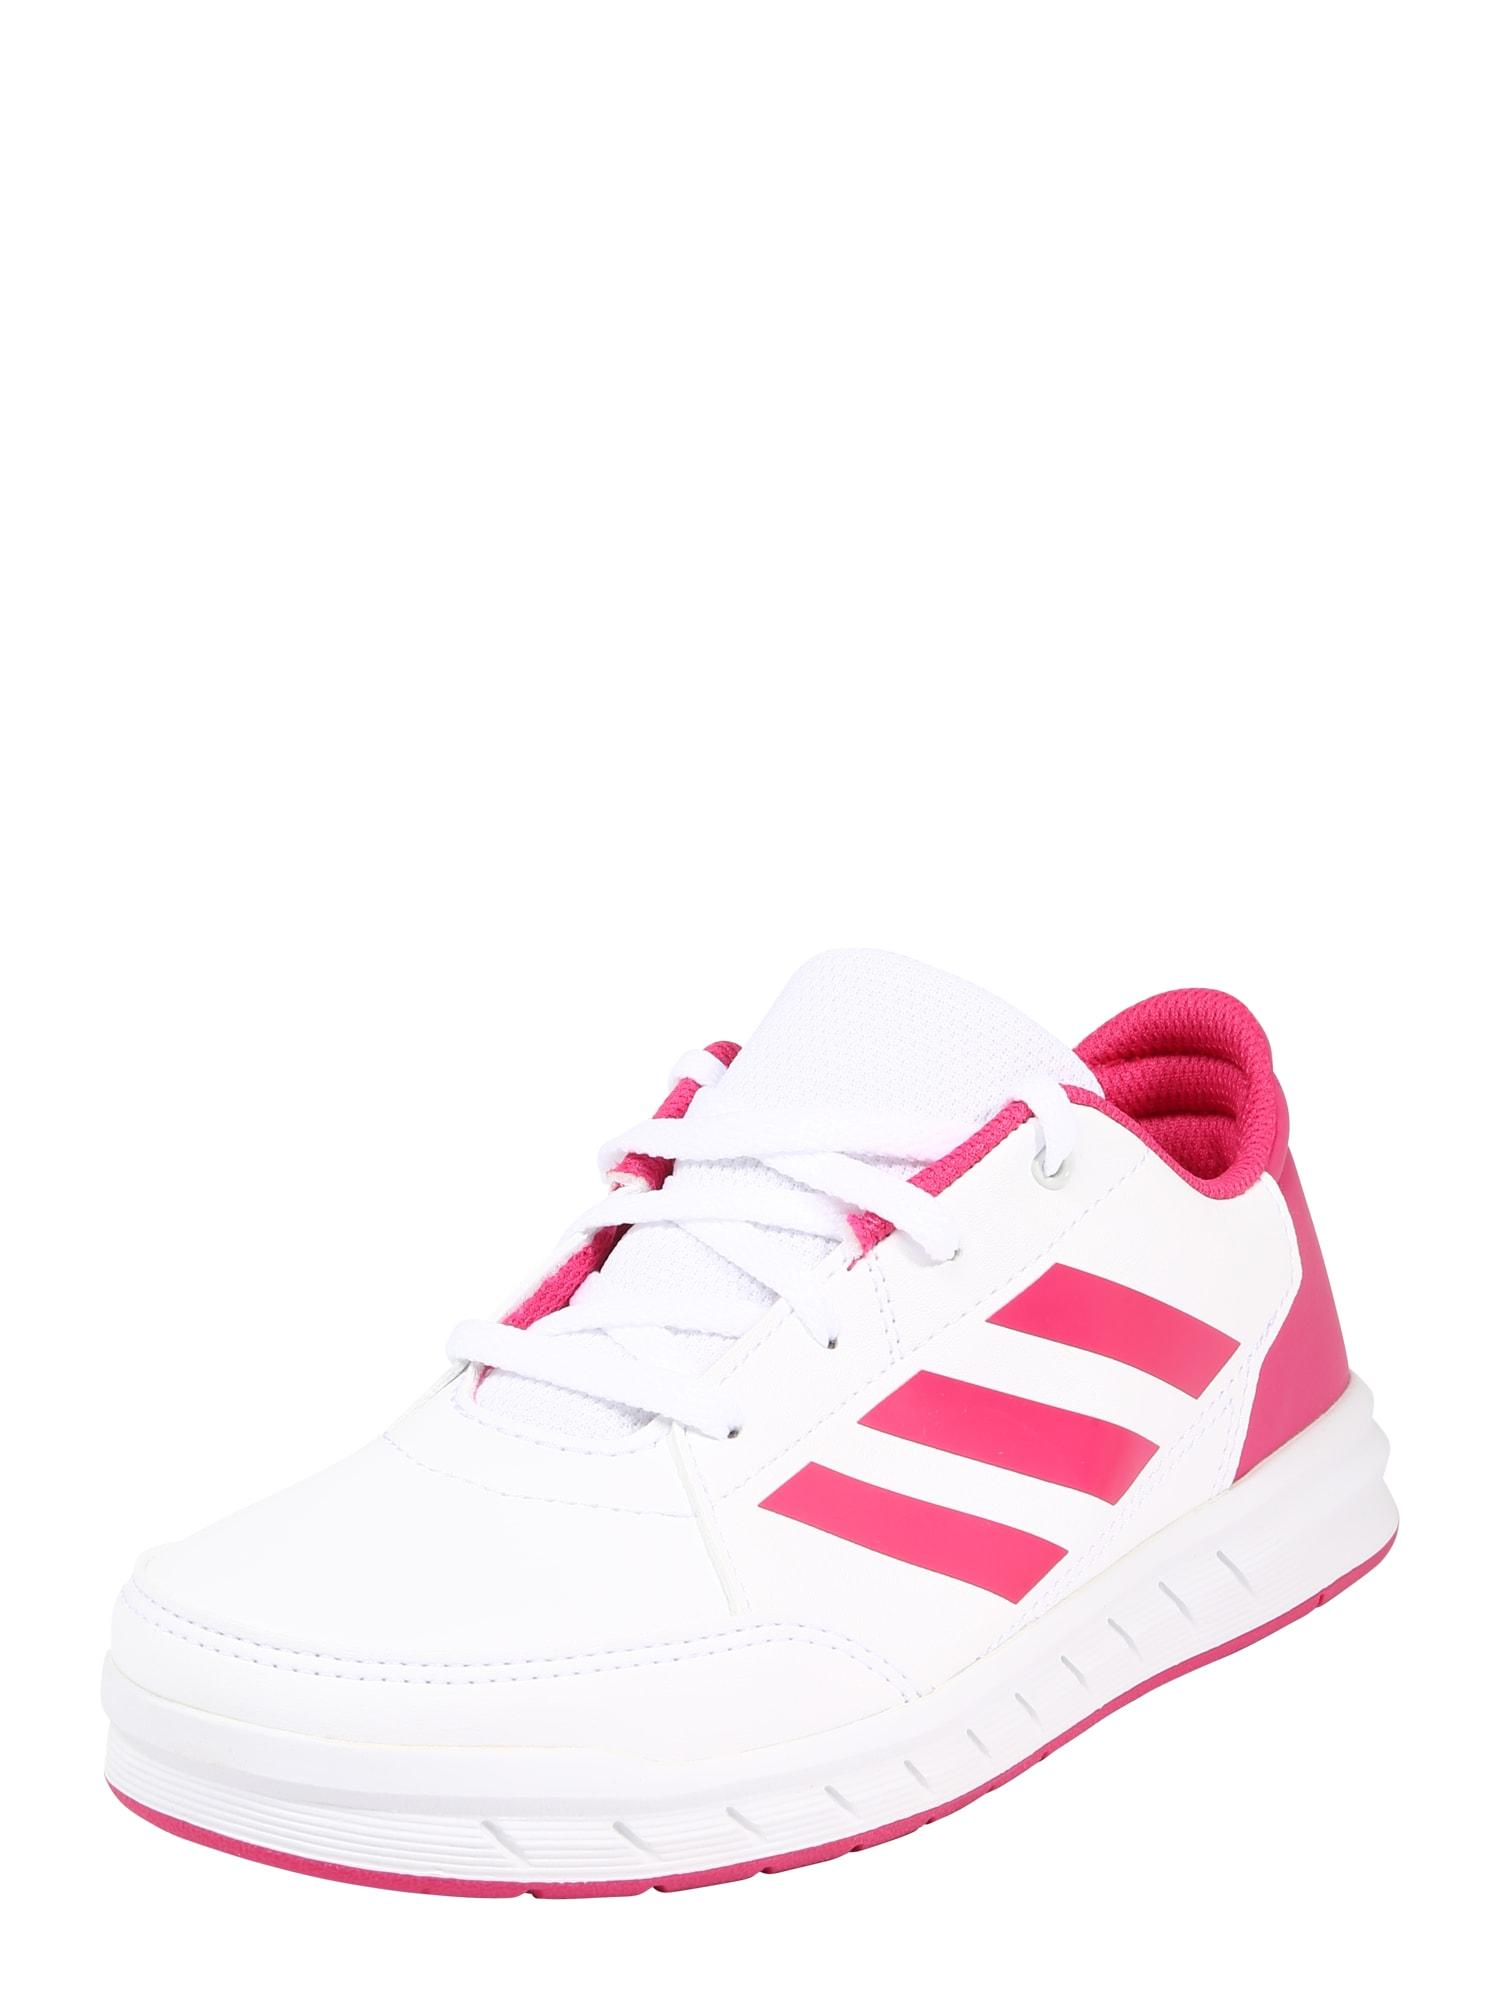 Sportovní boty AltaSport K tmavě růžová bílá ADIDAS PERFORMANCE